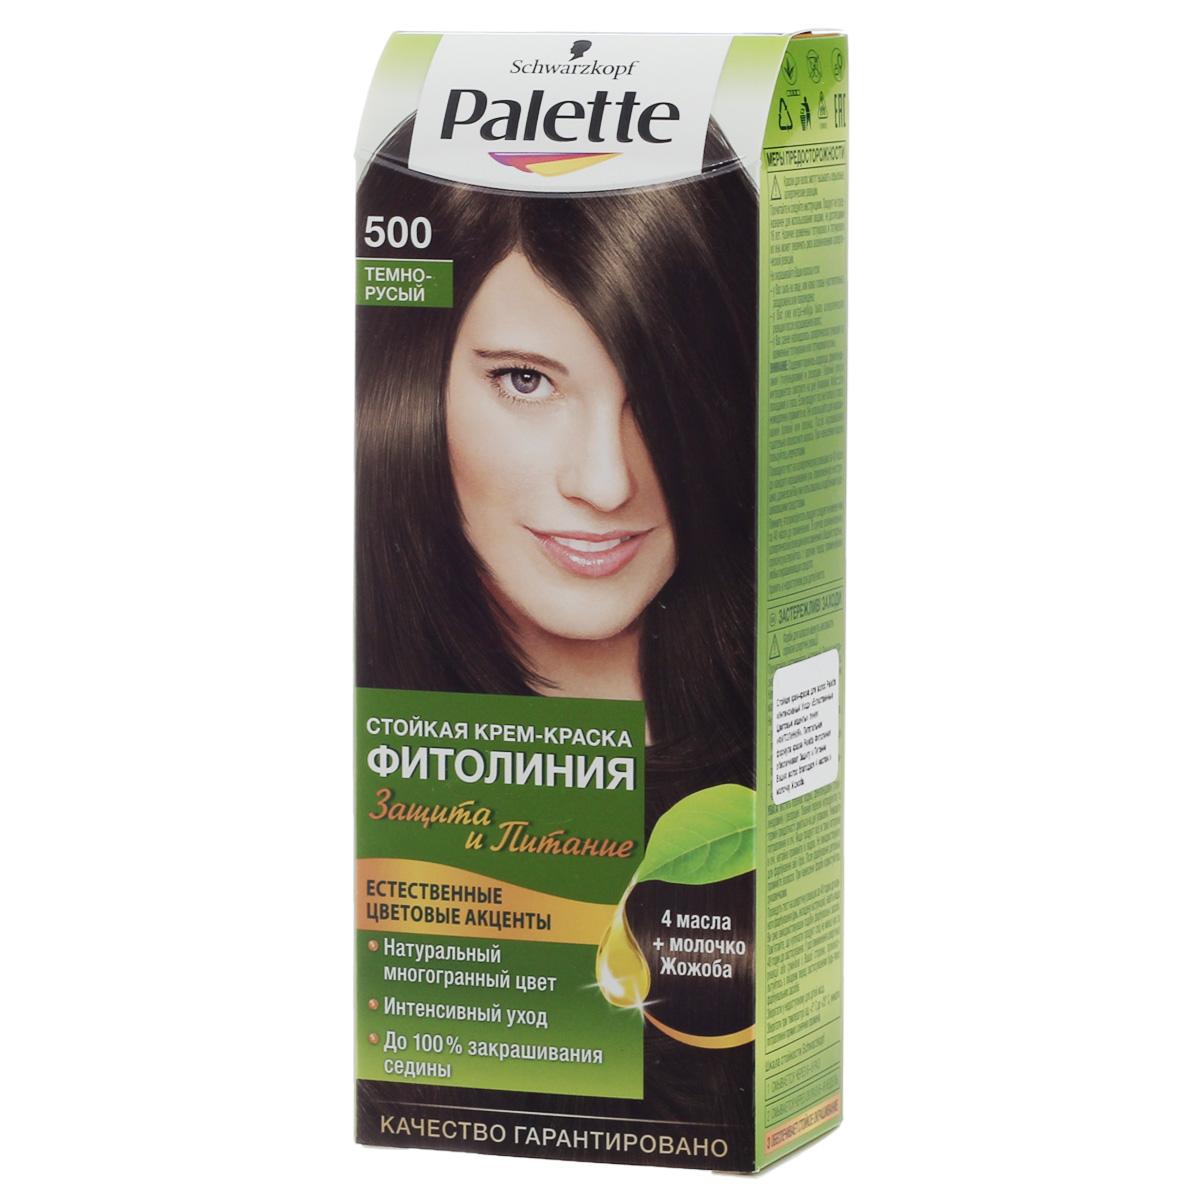 PALETTE Краска для волос ФИТОЛИНИЯ оттенок 500 Темно-русый, 110 мл9352545Откройте для себя больше ухода для более интенсивного цвета: новая питающая крем-краска Palette Фитолиния, обогащенная 4 маслами и молочком Жожоба. Насладитесь невероятно мягкими и сияющими волосами, полными естественного сияния цвета и стойкой интенсивности. Питательная формула обеспечивает надежную защиту во время и после окрашивания и поразительно глубокий уход. А интенсивные красящие пигменты отвечают за насыщенный и стойкий результат на ваших волосах. Побалуйте себя широким выбором натуральных оттенков, ведь палитра Palette Фитолиния предлагает оригинальную подборку оттенков для создания естественных цветовых акцентов и глубокого многогранного цвета.